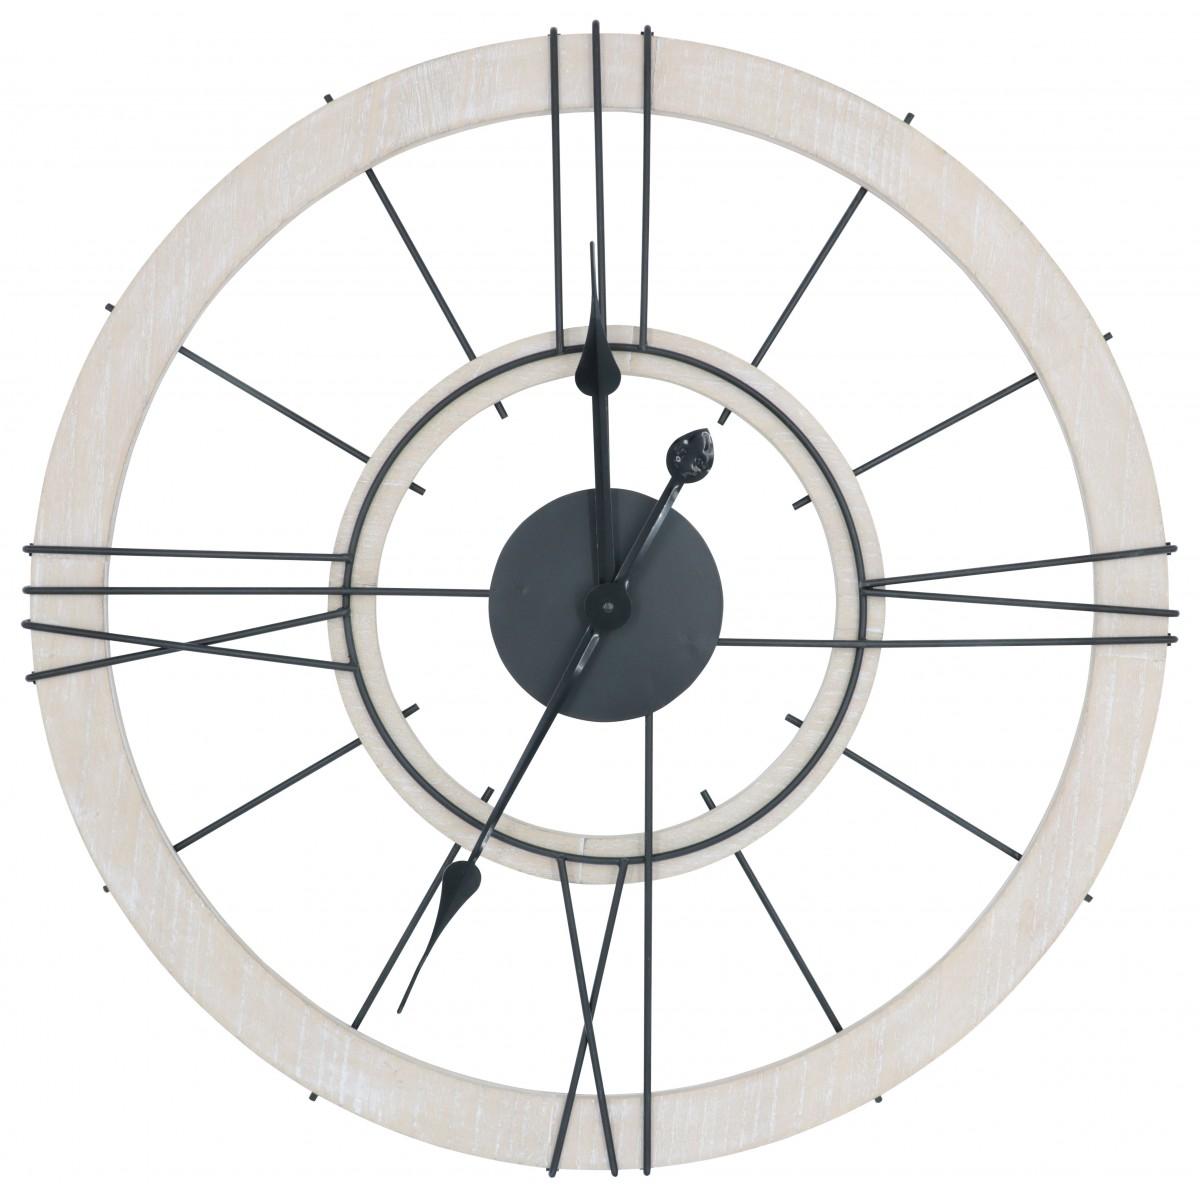 Horloge murale chiffres romains D60